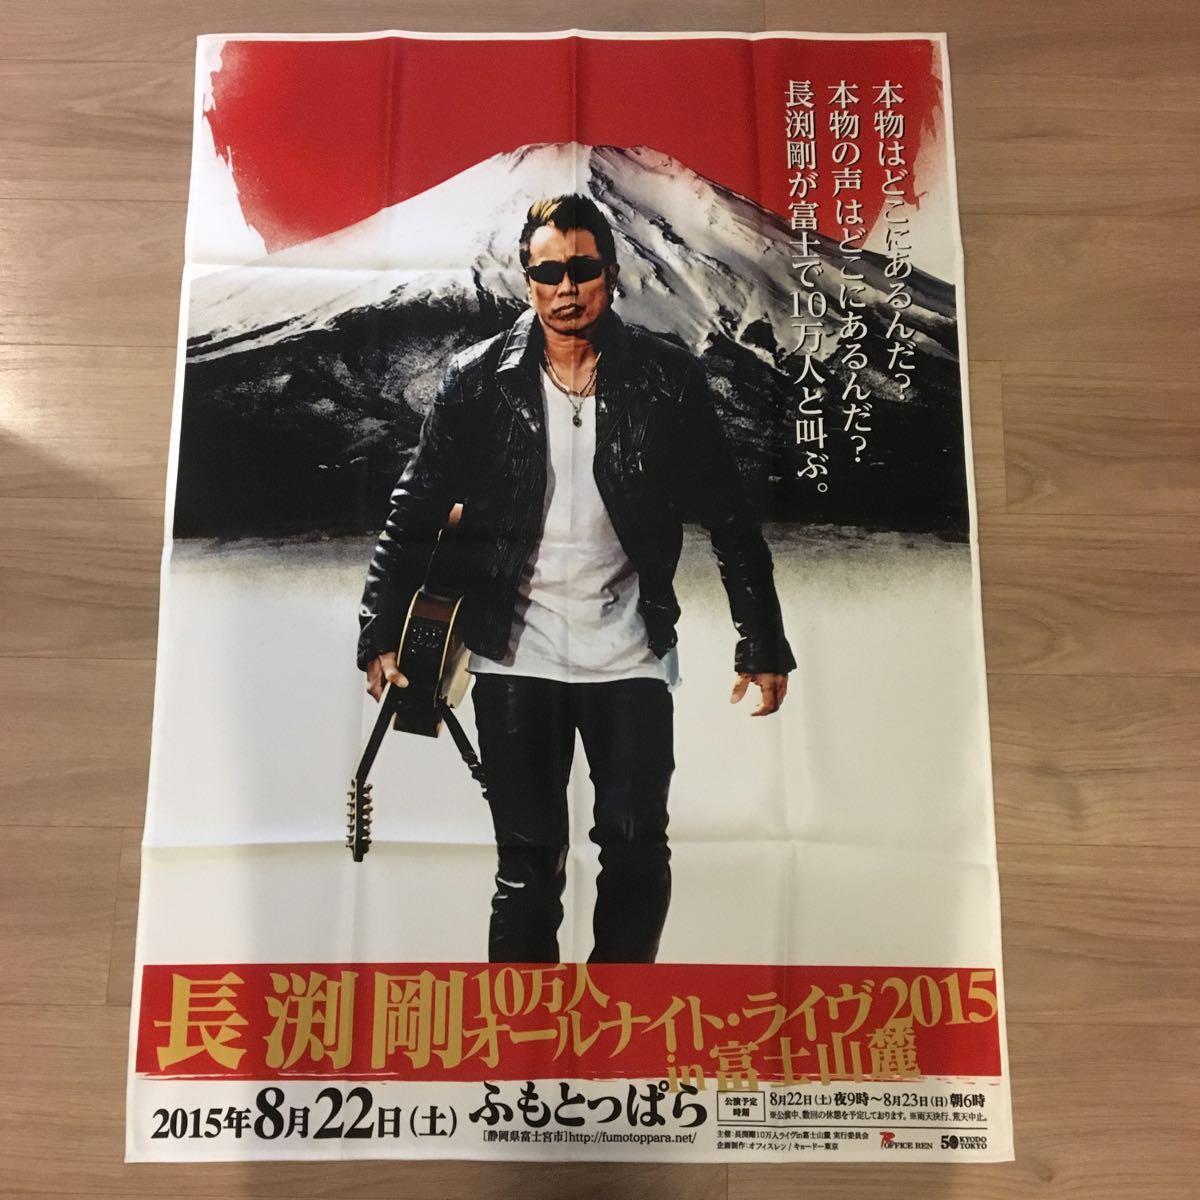 【超貴重】長渕剛 富士山麓オールナイトコンサート 特大ポスター 美品